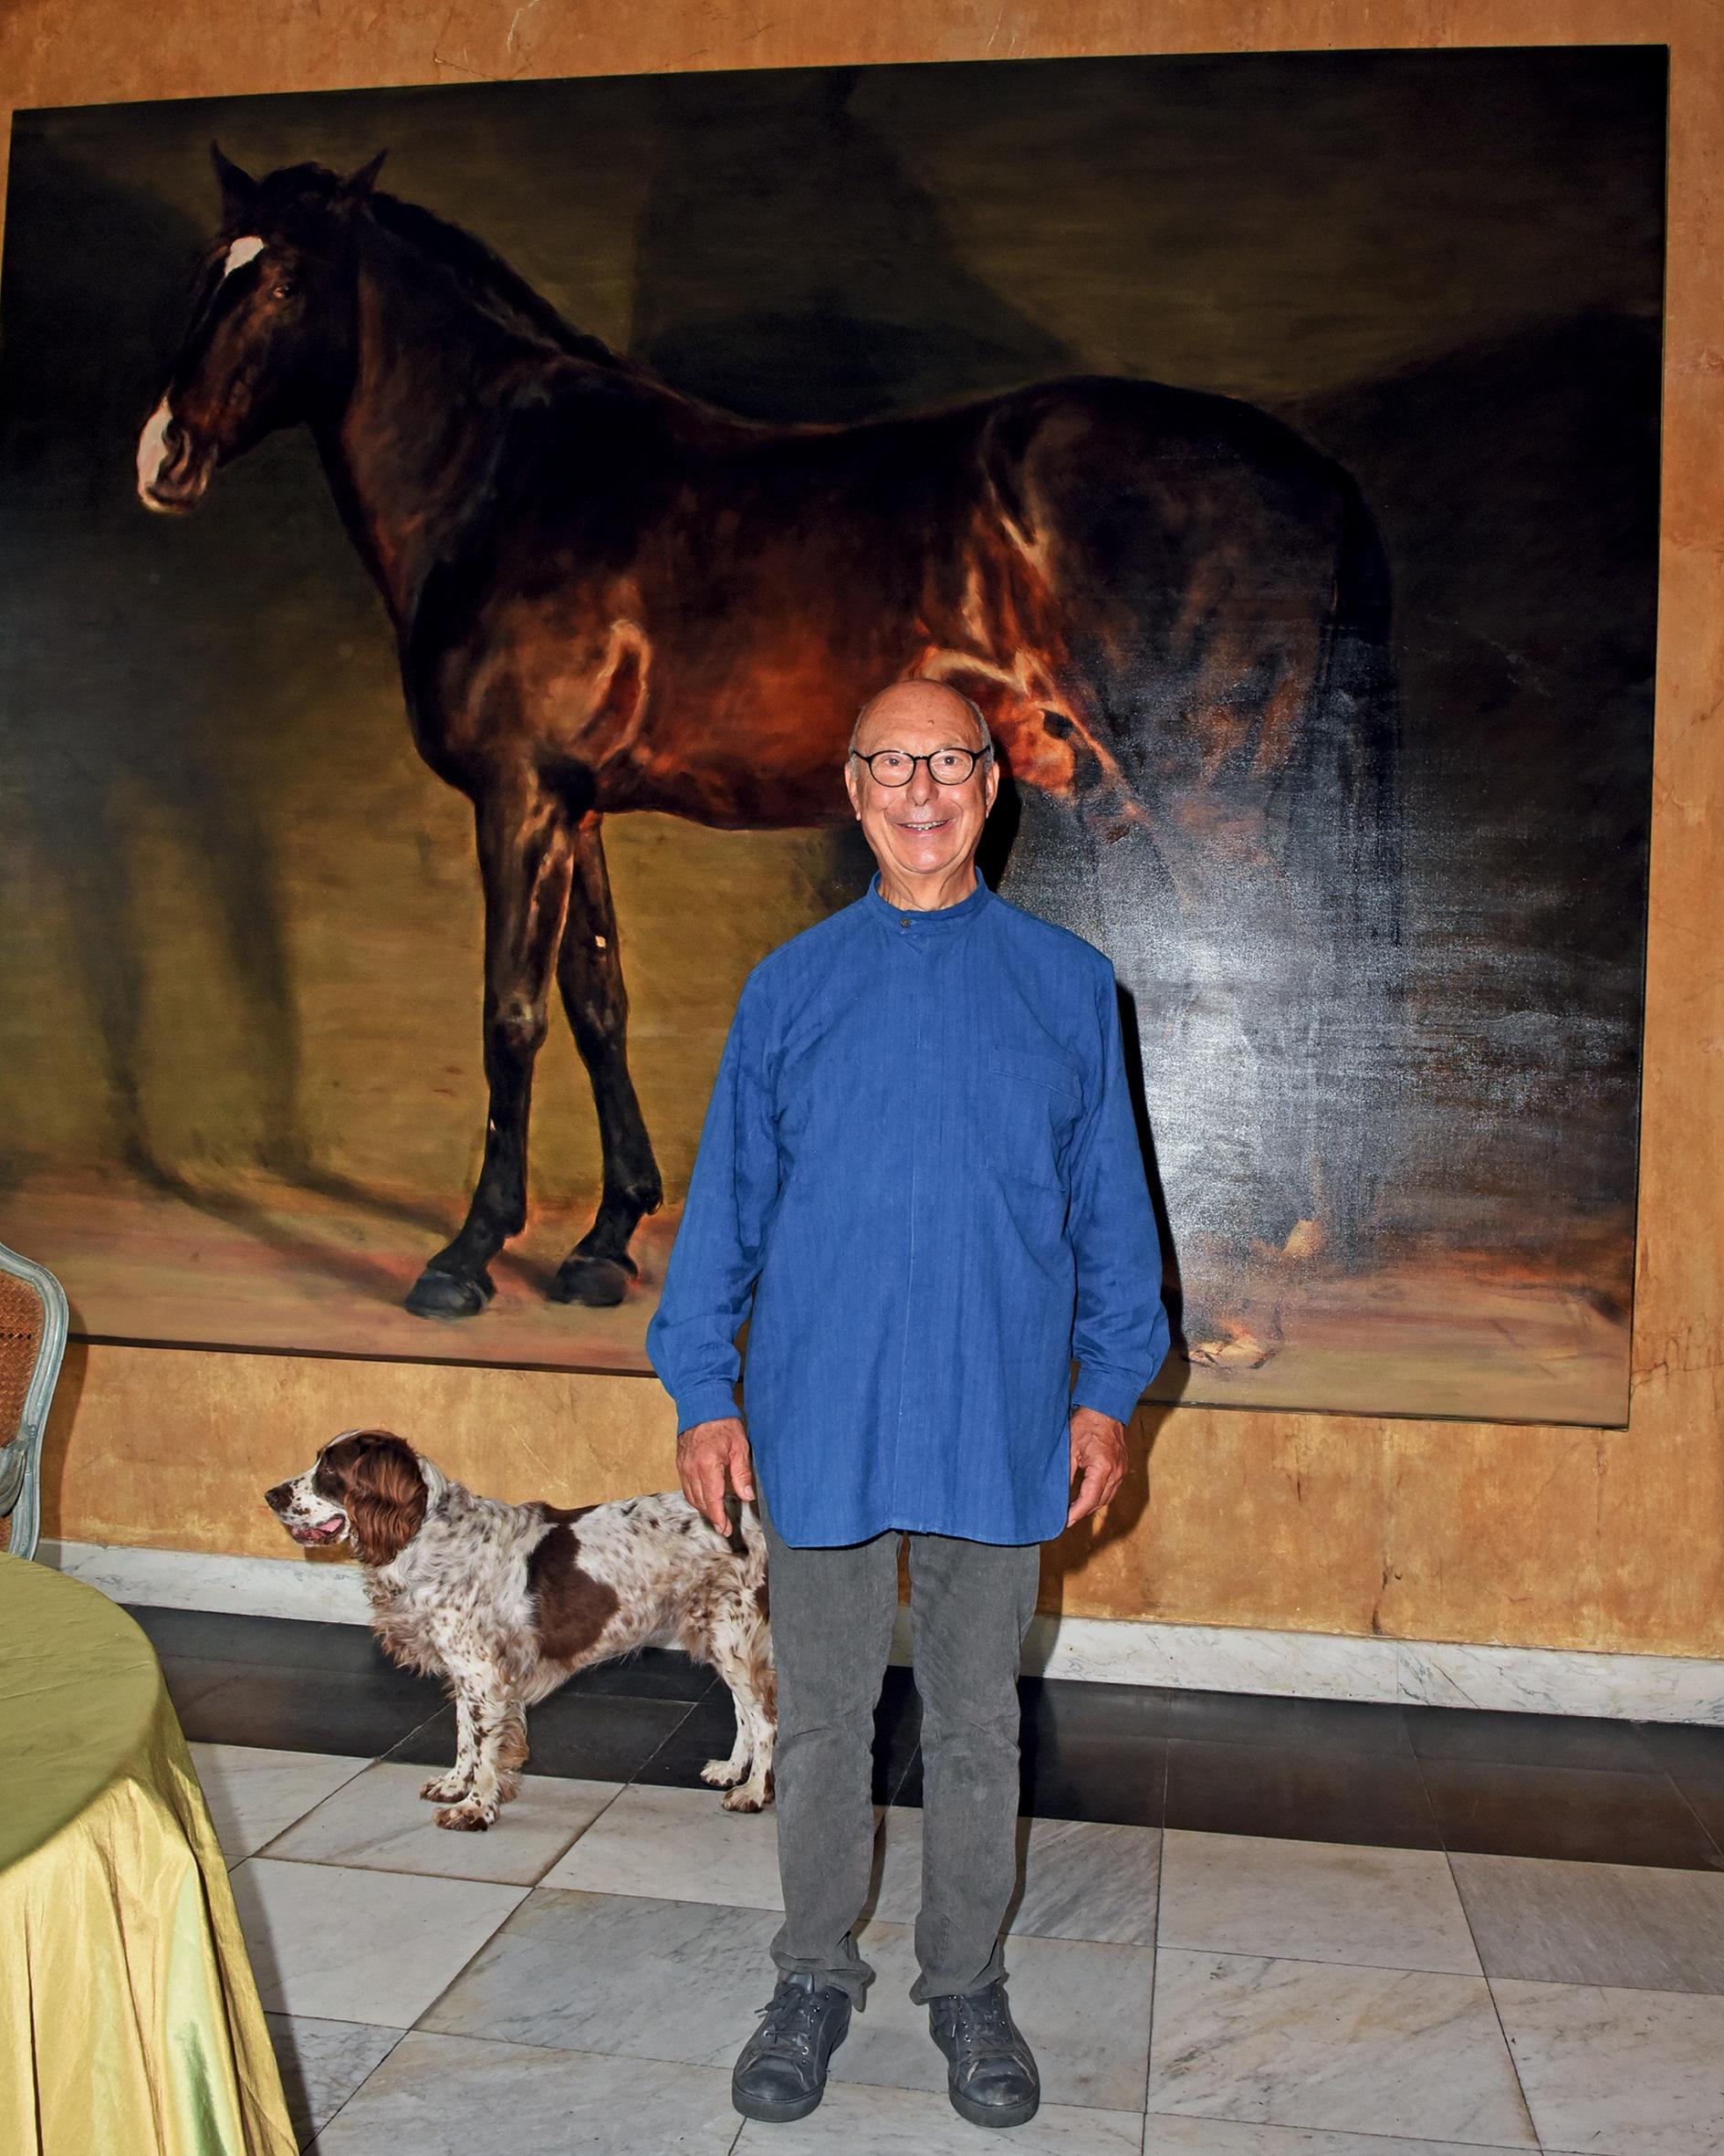 Il designer belga Axel Vervoordt, fotografato nella sua casa a 's-Gravenwezel con il suo Springer Spaniel Inu, è così affezionato al suo cavallo Raio (morto lo scorso anno) che l'ha fatto ritrarre in un dipinto dall'artista Michaël Borremans.